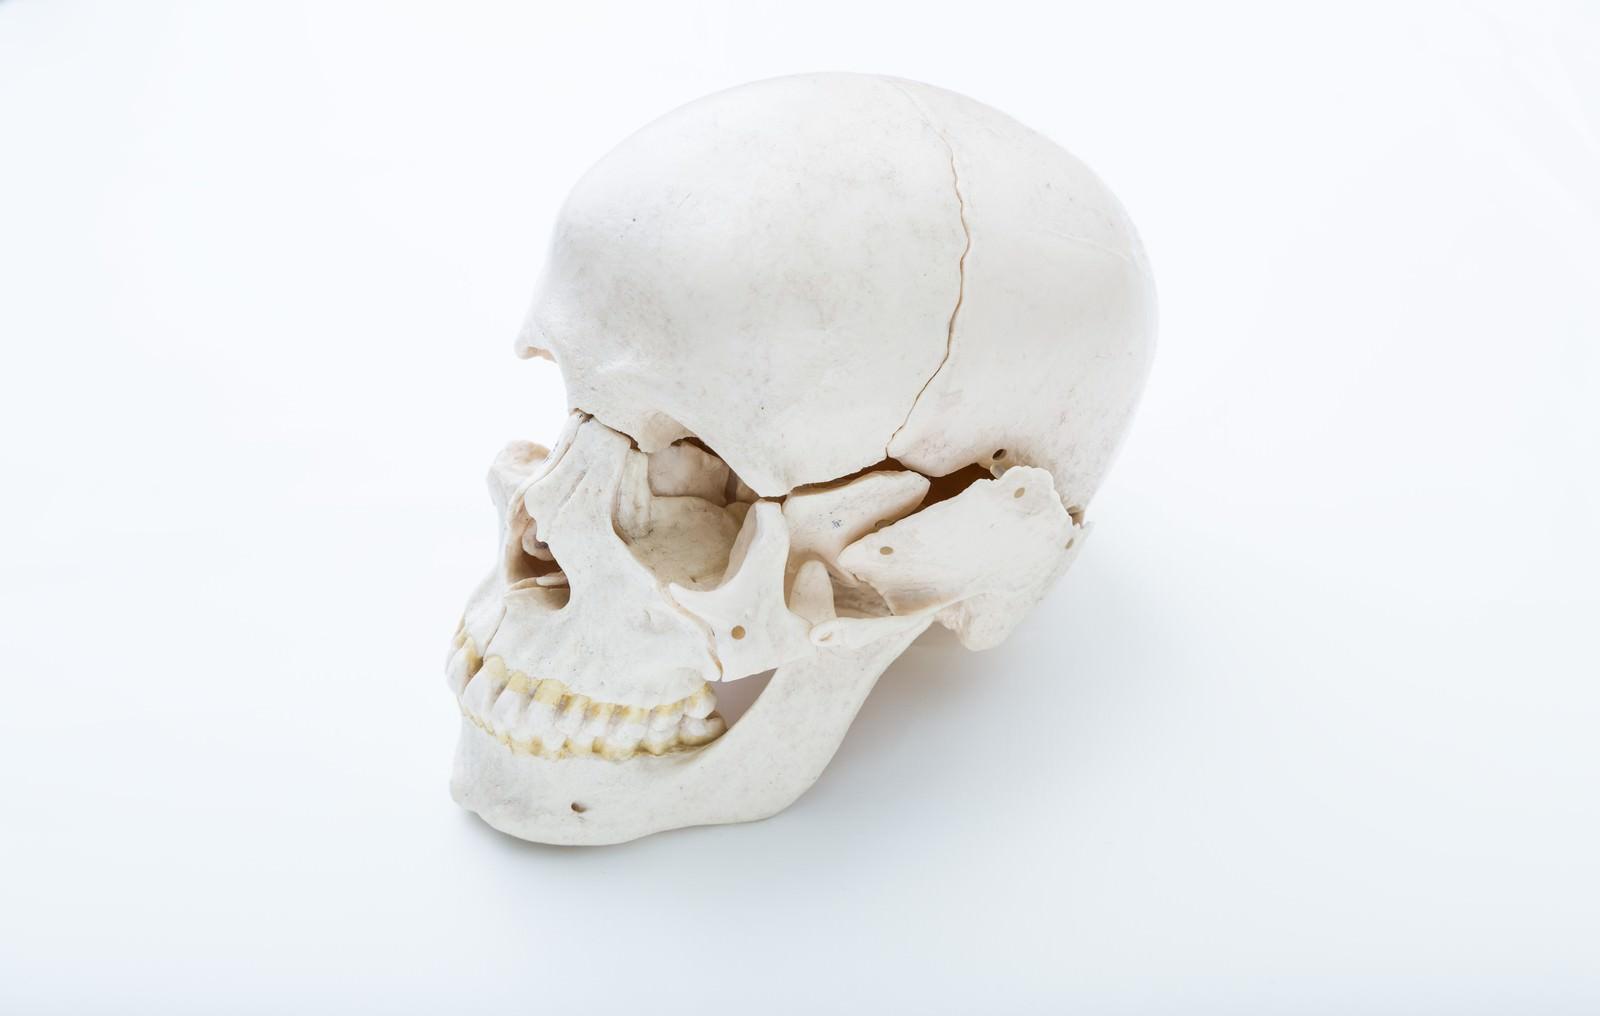 「頭蓋骨の模型」の写真